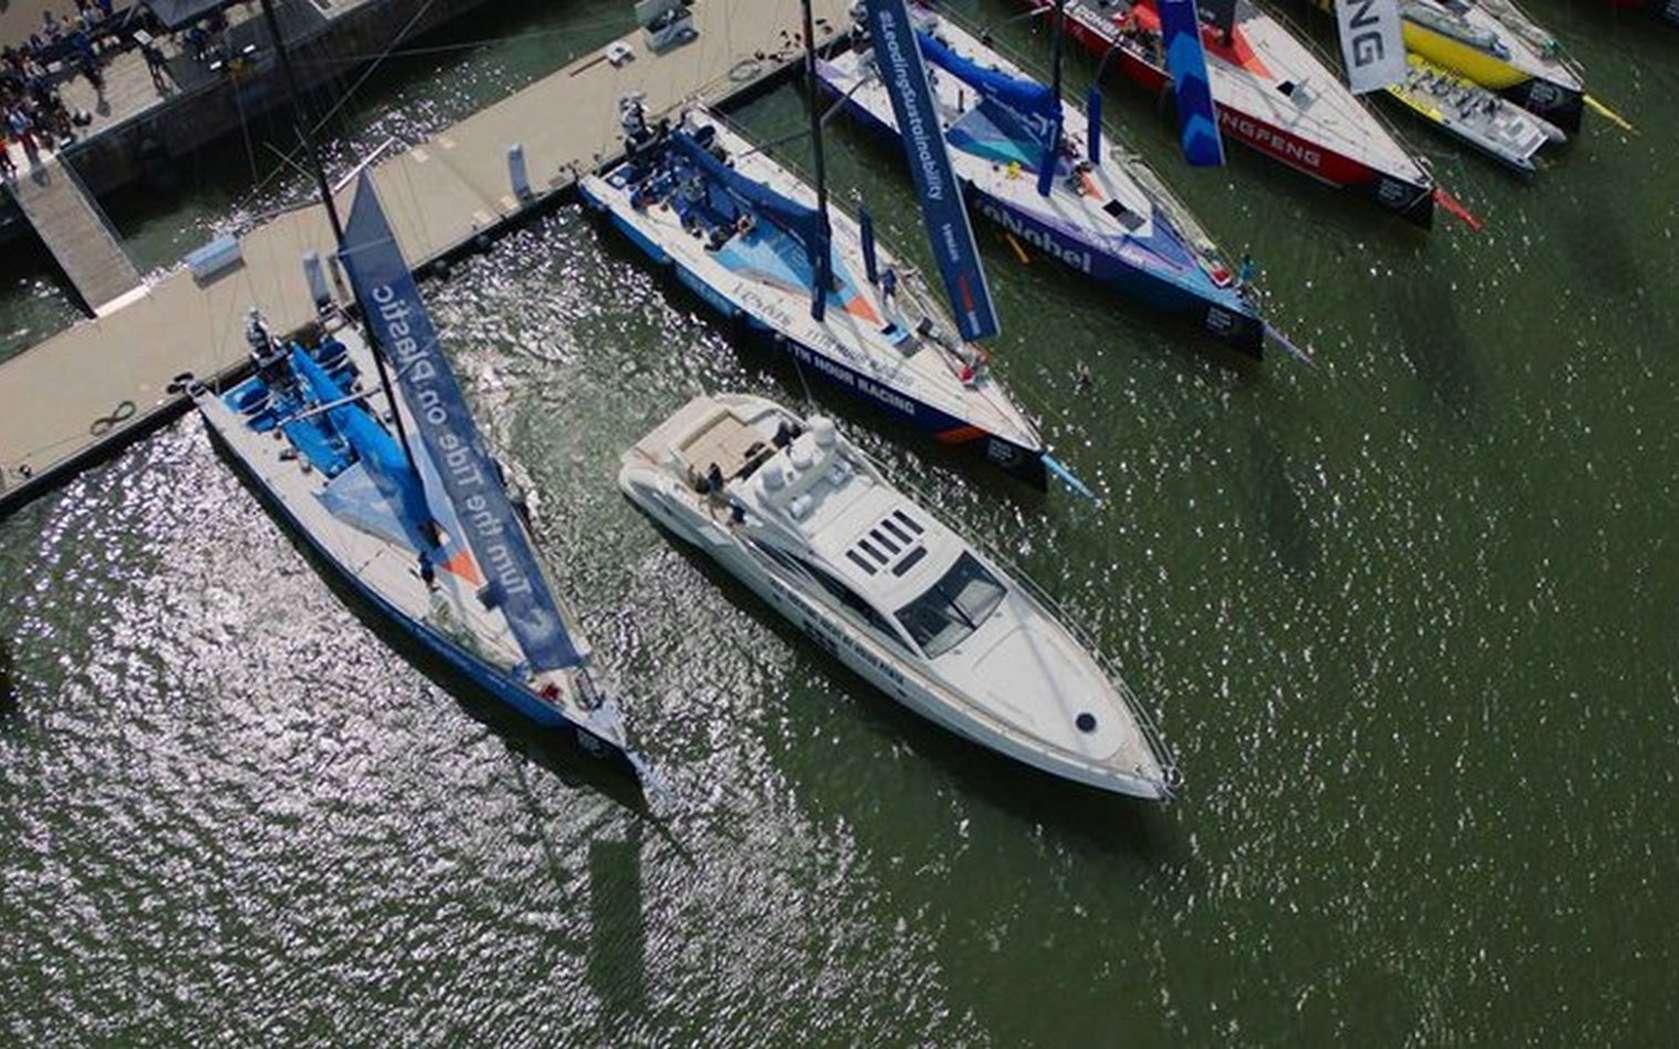 Le système d'amarrage automatique de Volvo utilise des capteurs situés à la fois sur le bateau et à terre. © Volvo Penta